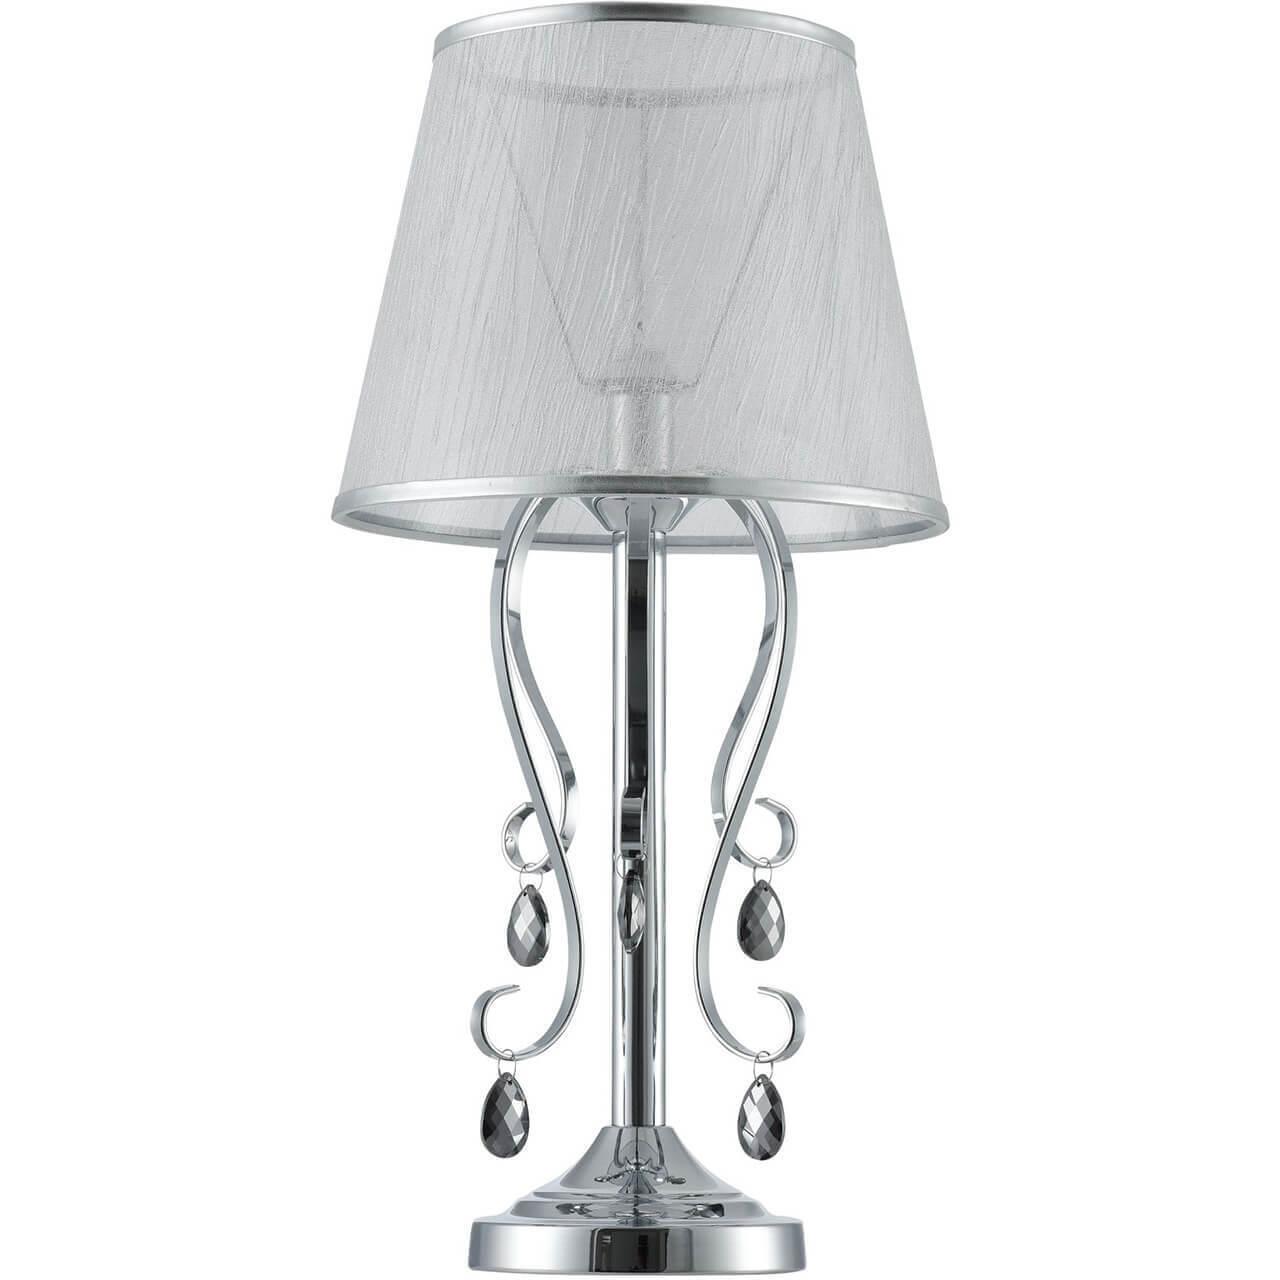 цена на Настольная лампа Freya FR2020-TL-01-CH Simone Chrome